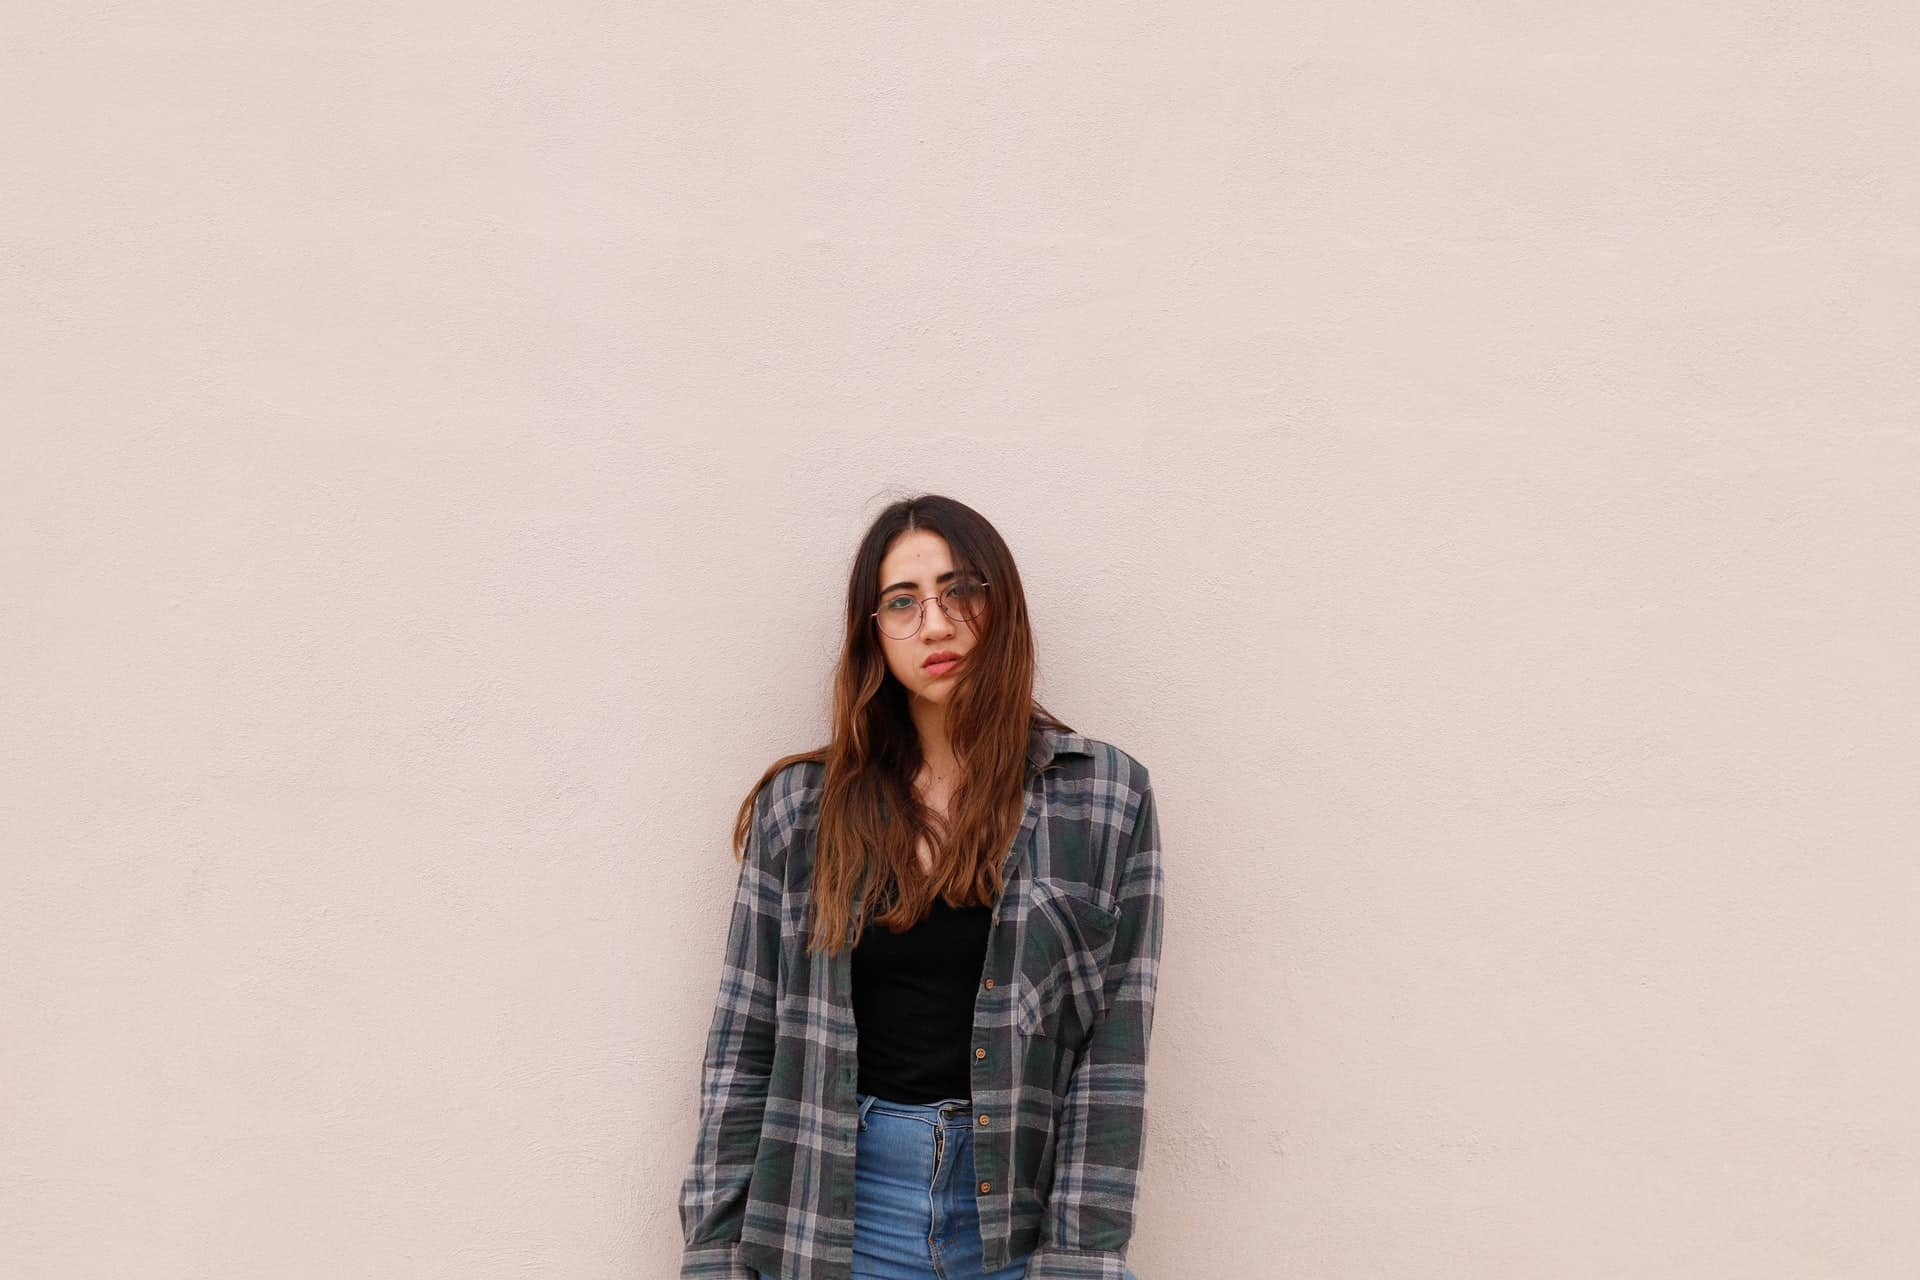 Frau, die graues Kleid trägt und vor Wand steht